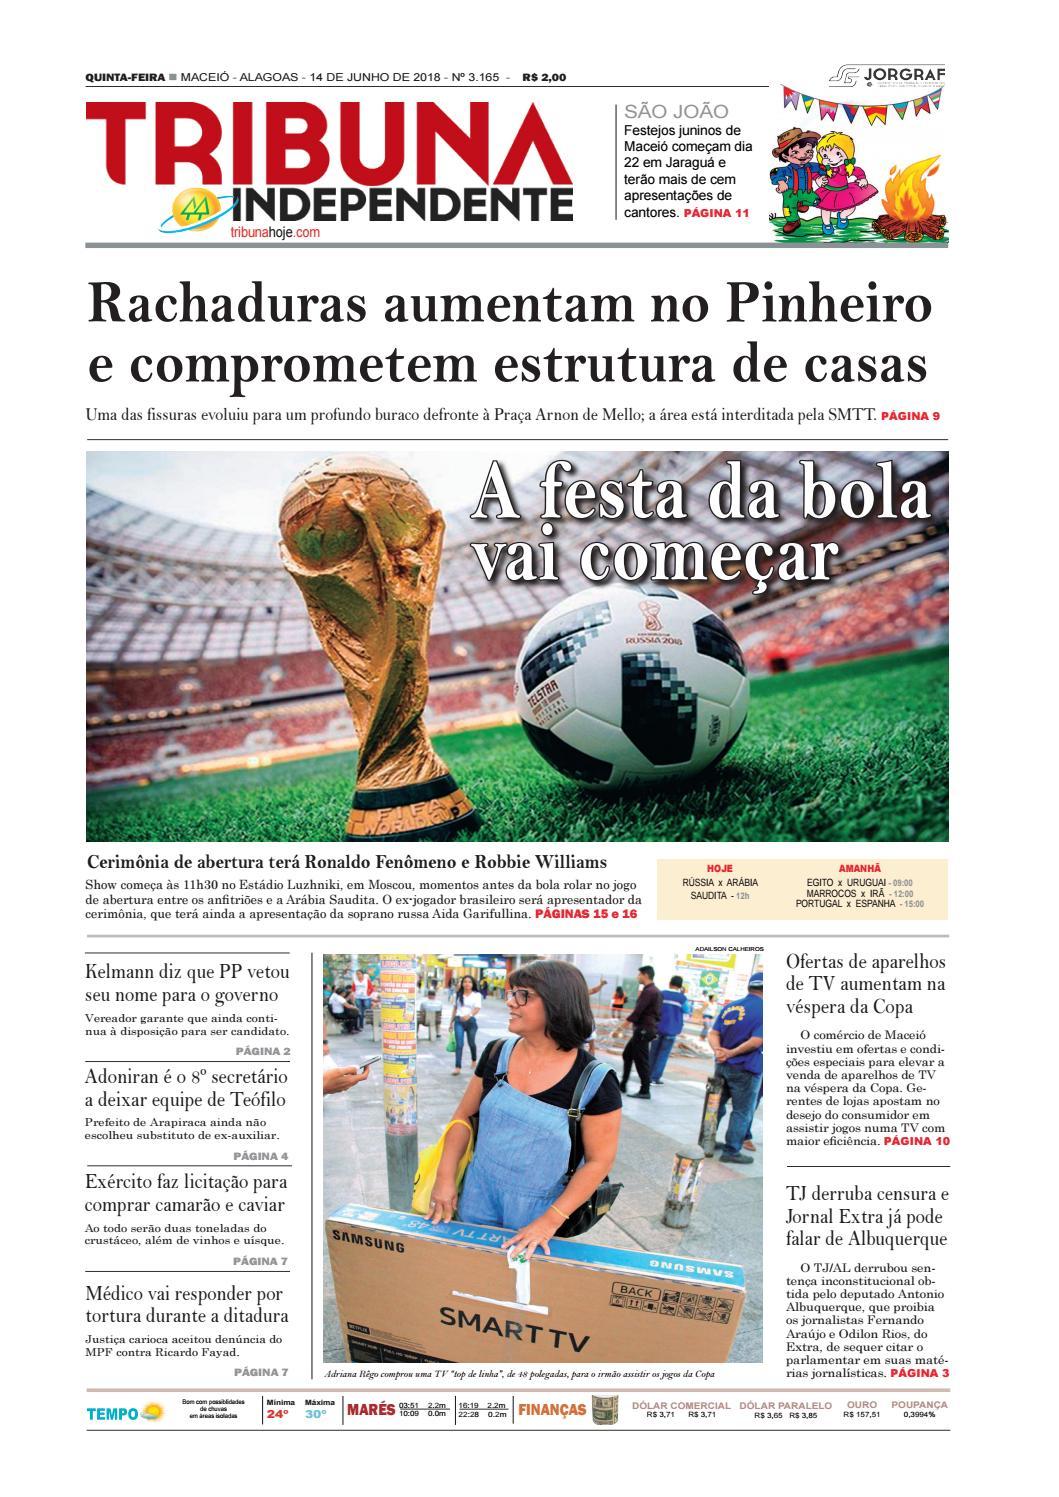 91ad71ee22116 Edição número 3165 – 14 de junho de 2018 by Tribuna Hoje - issuu